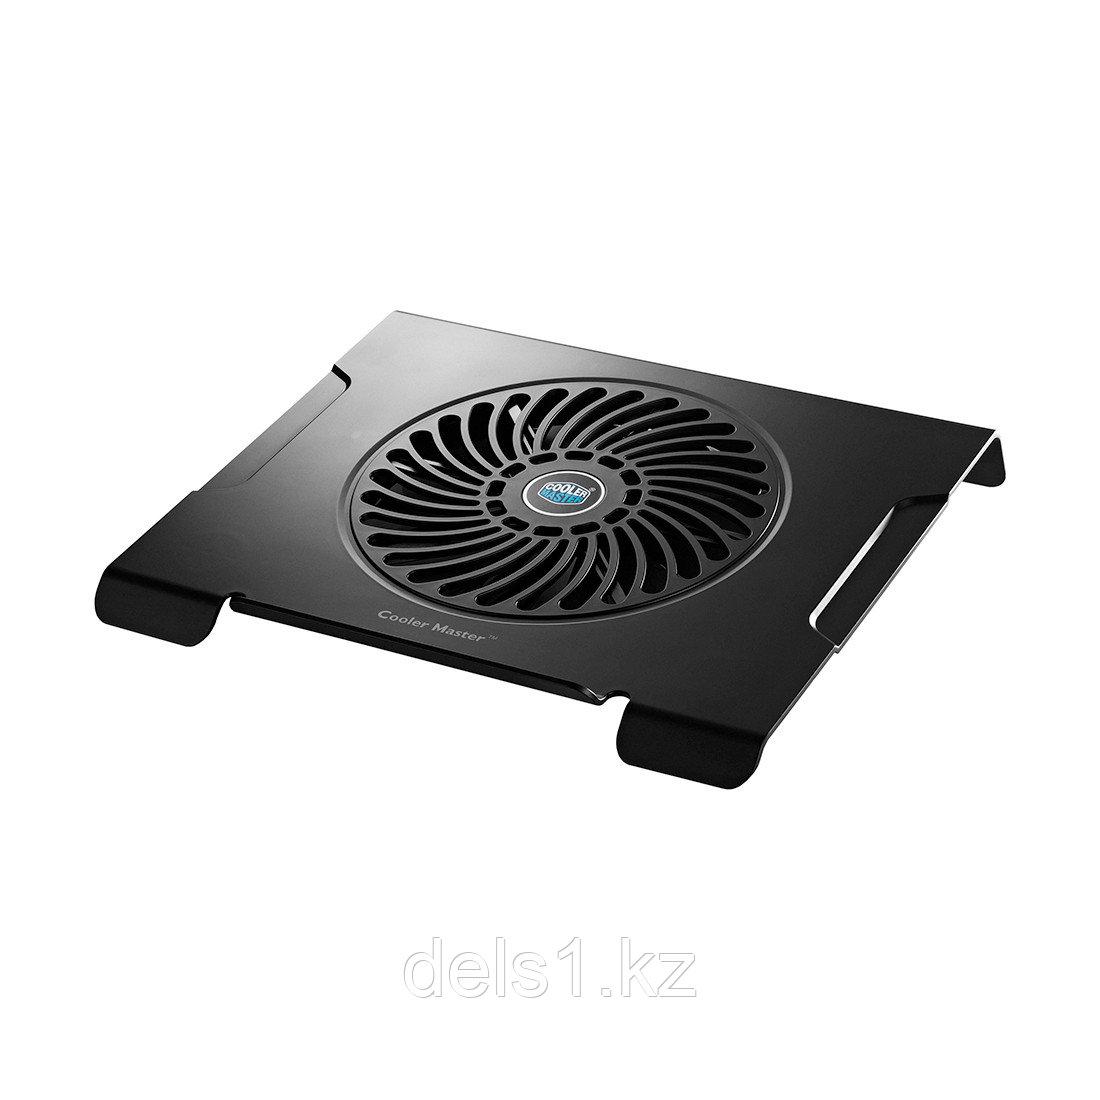 Охлаждающая подставка для ноутбука Cooler Master NotePal  CMC3